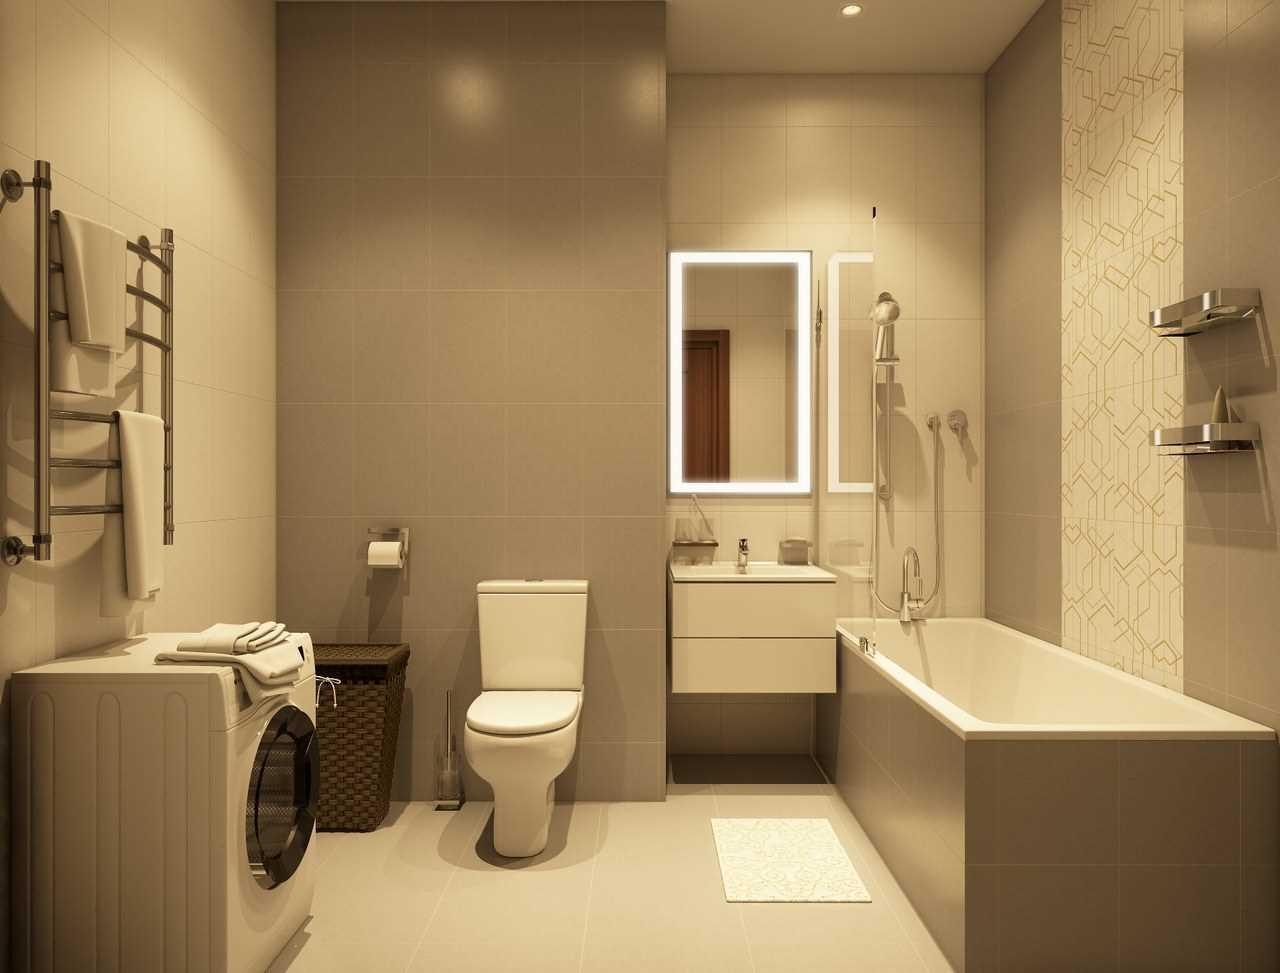 ideja par skaistu vannas istabas dizainu